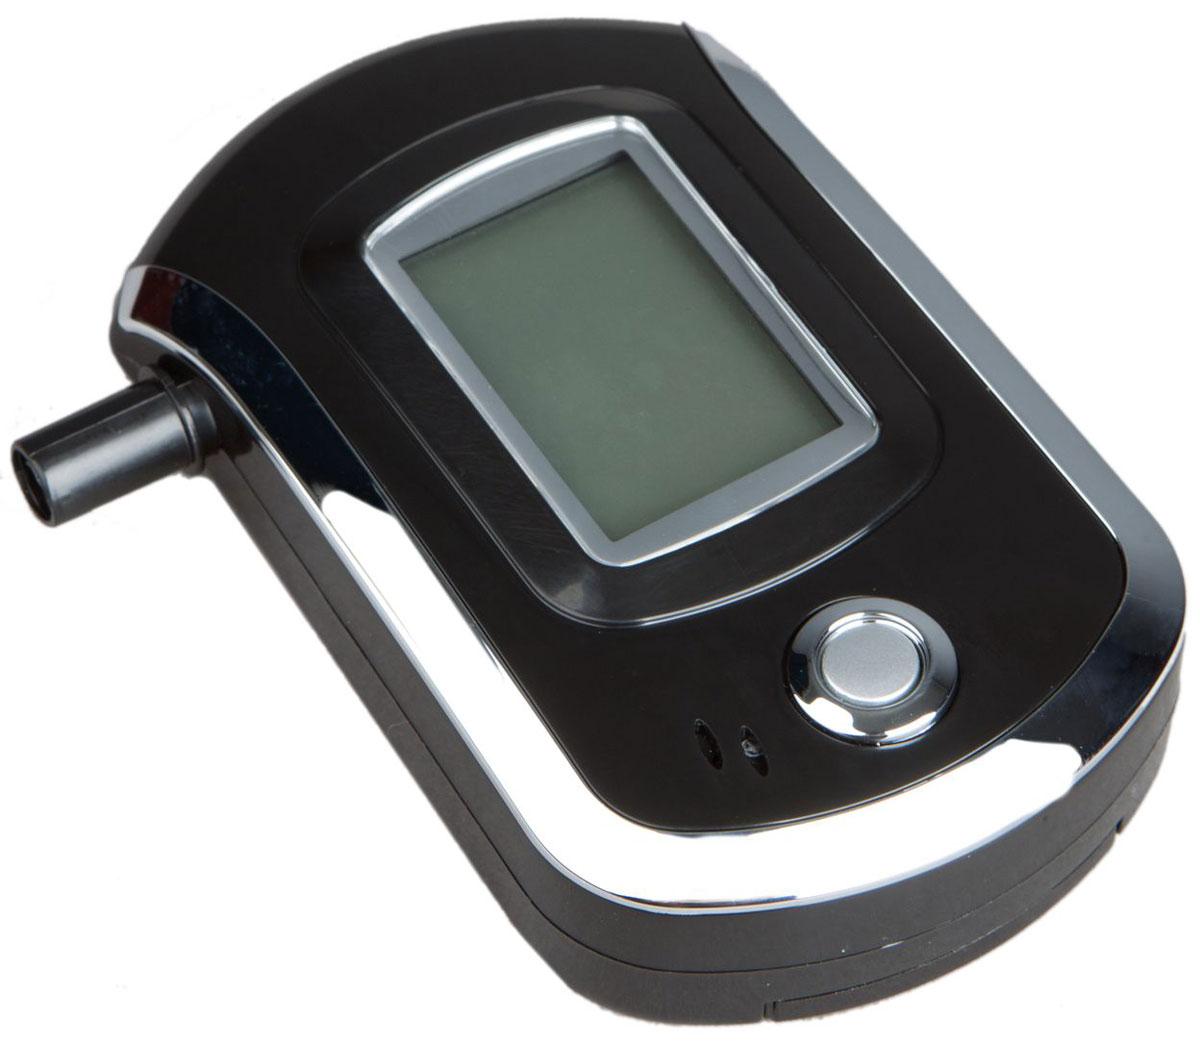 Дельта АТ 300, Black алкотестер2012506203005Персональный алкогольный тестер Дельта АТ-300 предназначен для определения содержания паров алкоголя в выдыхаемом воздухе. Устройство разработано на основе современного высокотехнологичного полупроводникового датчика алкоголя с нагревательным элементом, который имеет высокую чувствительность. Современный и компактный дизайн тестера делают прибор удобным в использовании. Результат измерений выводится на удобный и большой жидкокристаллический дисплей.Диапазон: 0.00 - 2 промиллеПогрешность: ± 5 %Время измерения: 5 сВремя прогрева: 20 сДиапазон температур: -10...+ 50 °CИндикация превышения содержания алкоголяИндикация заряда батареи и неисправности